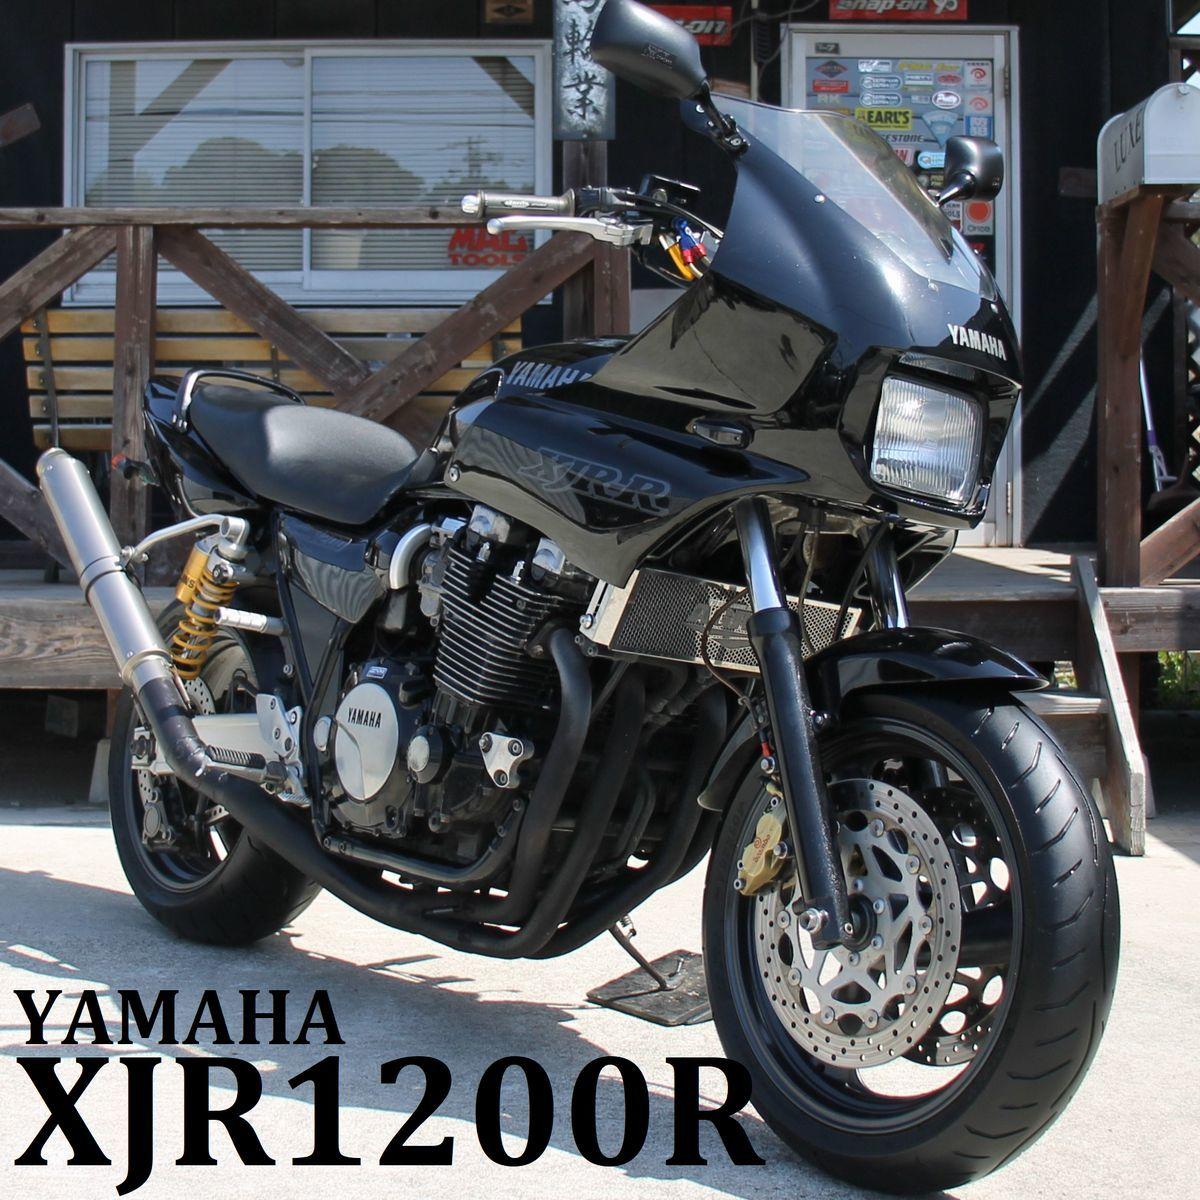 「希少! XJR1200R 4KG マフラー改 フェンダーレス 検: XJR1200 XJR1300 CB1300 CB1000SF ゼファー1100 zxcv21112」の画像1